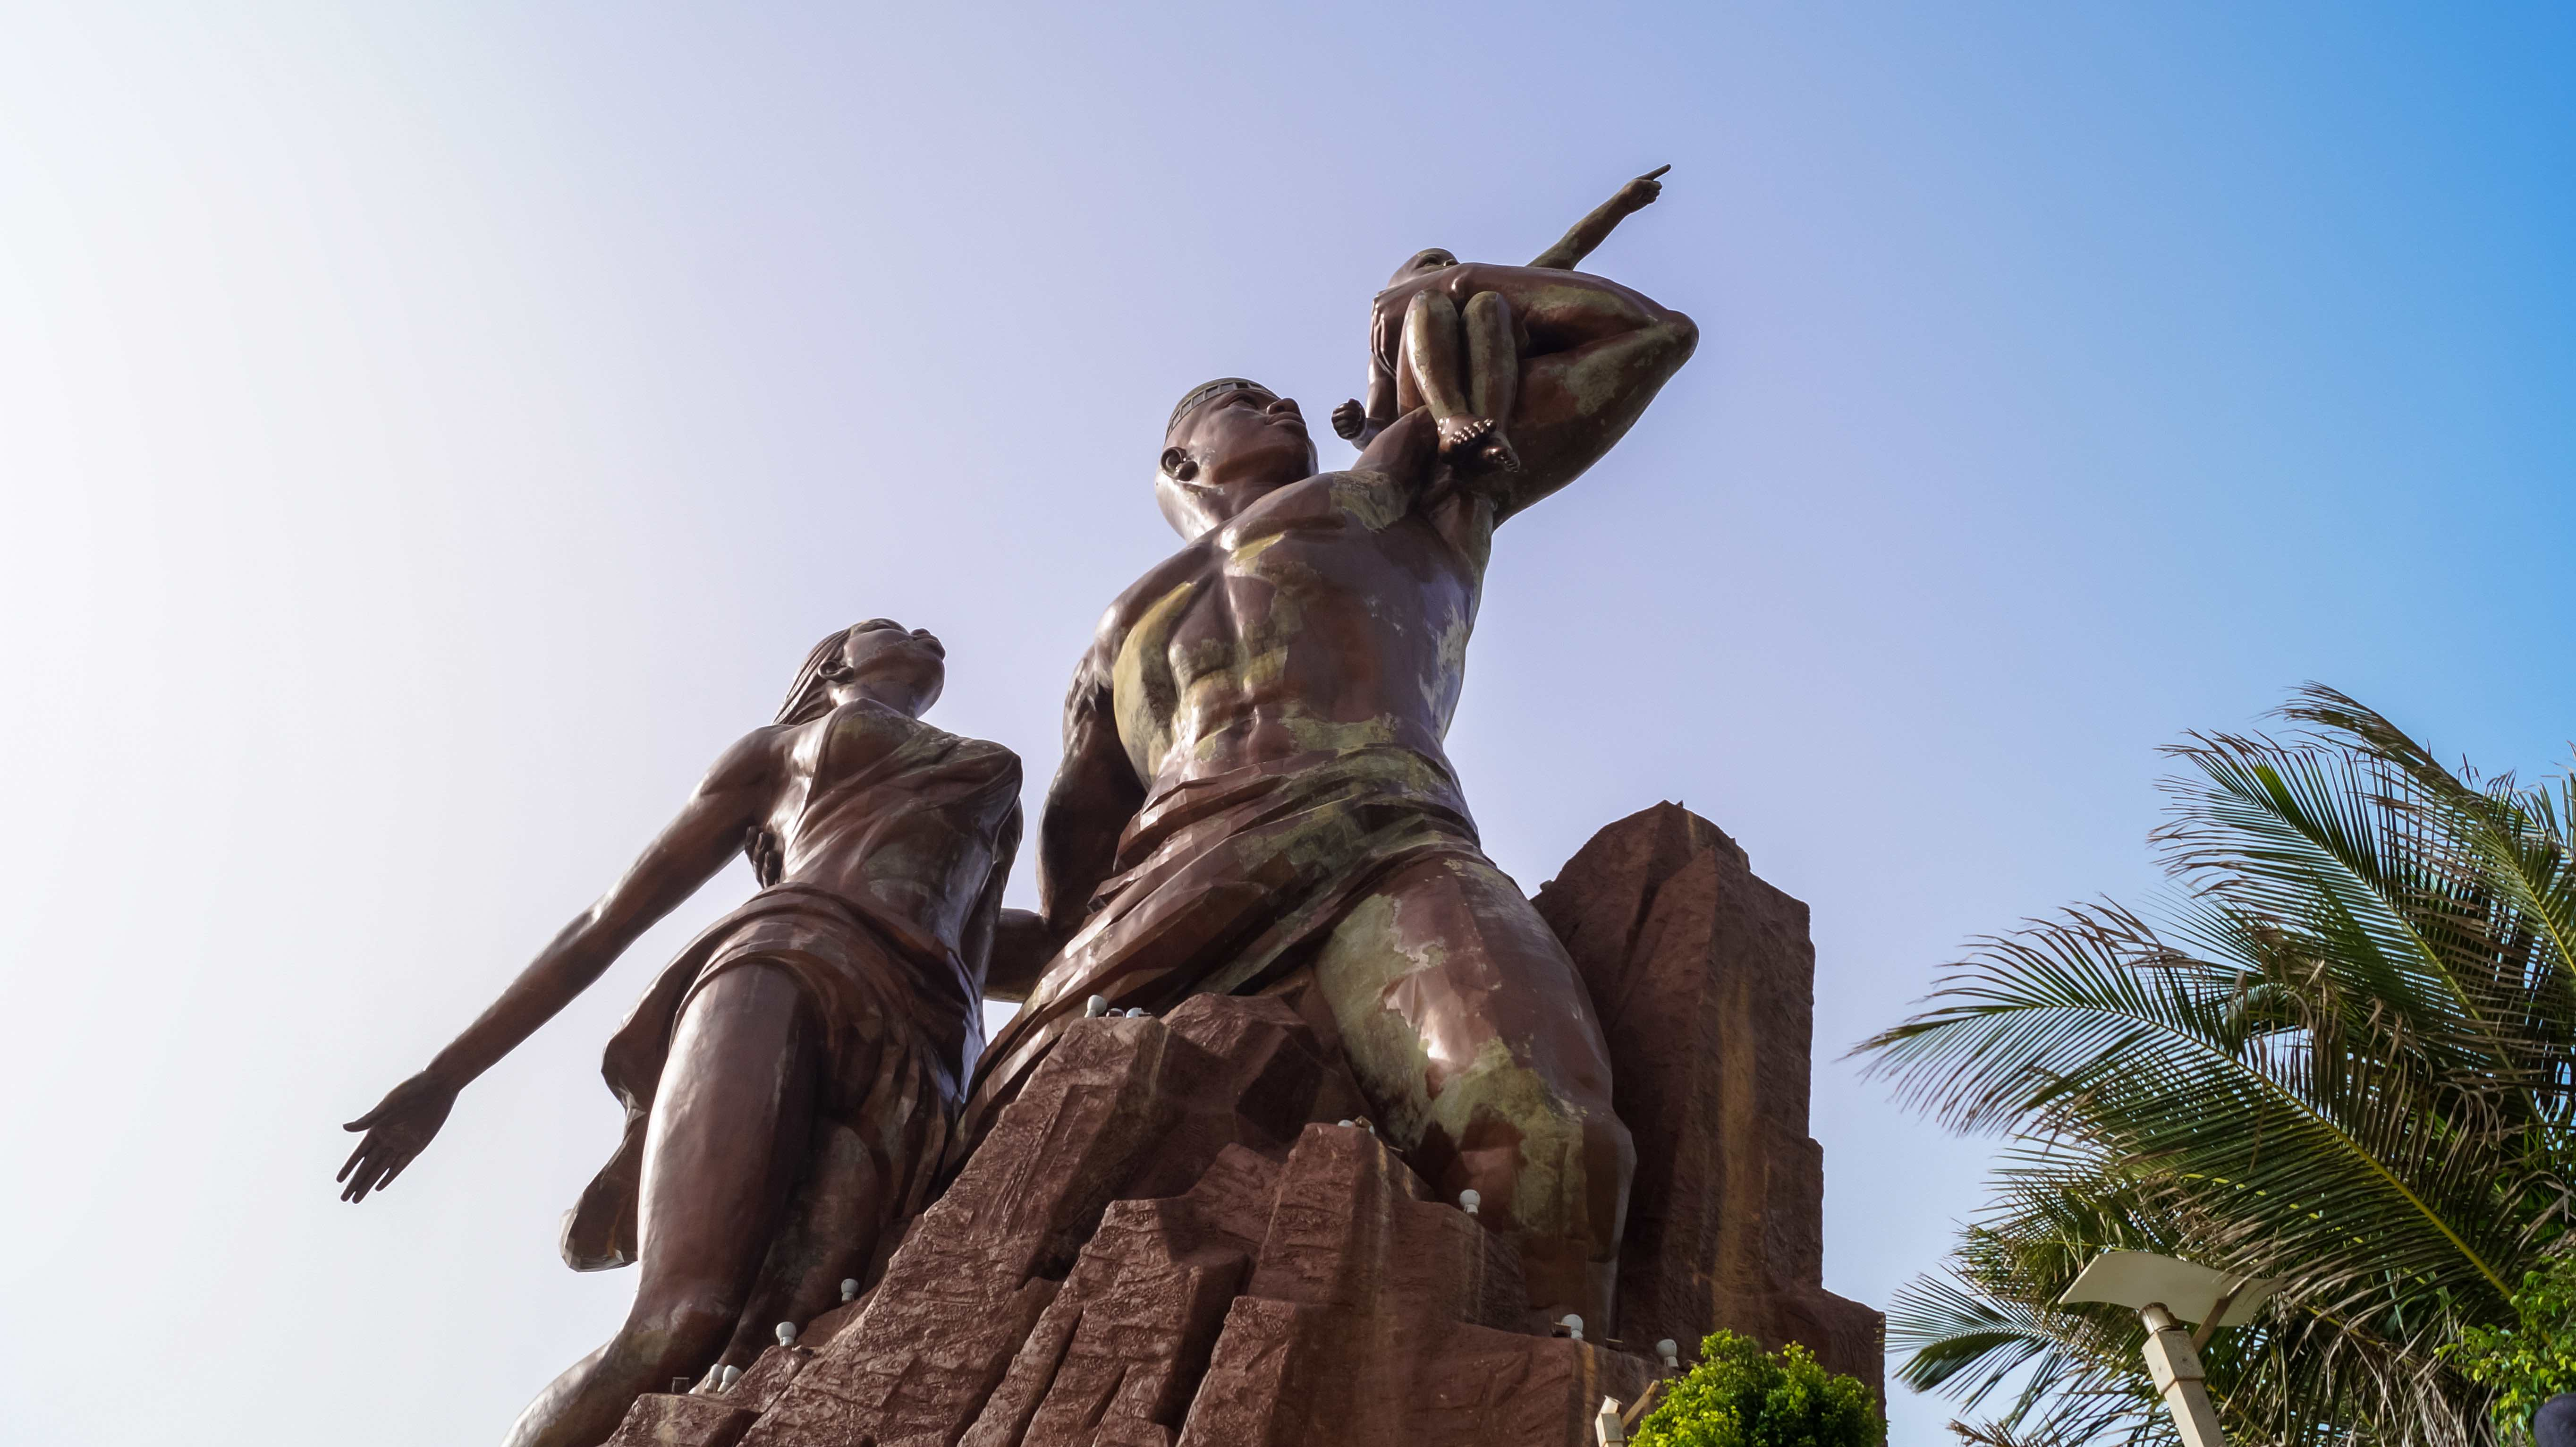 African Renaissance Monument, Dakar